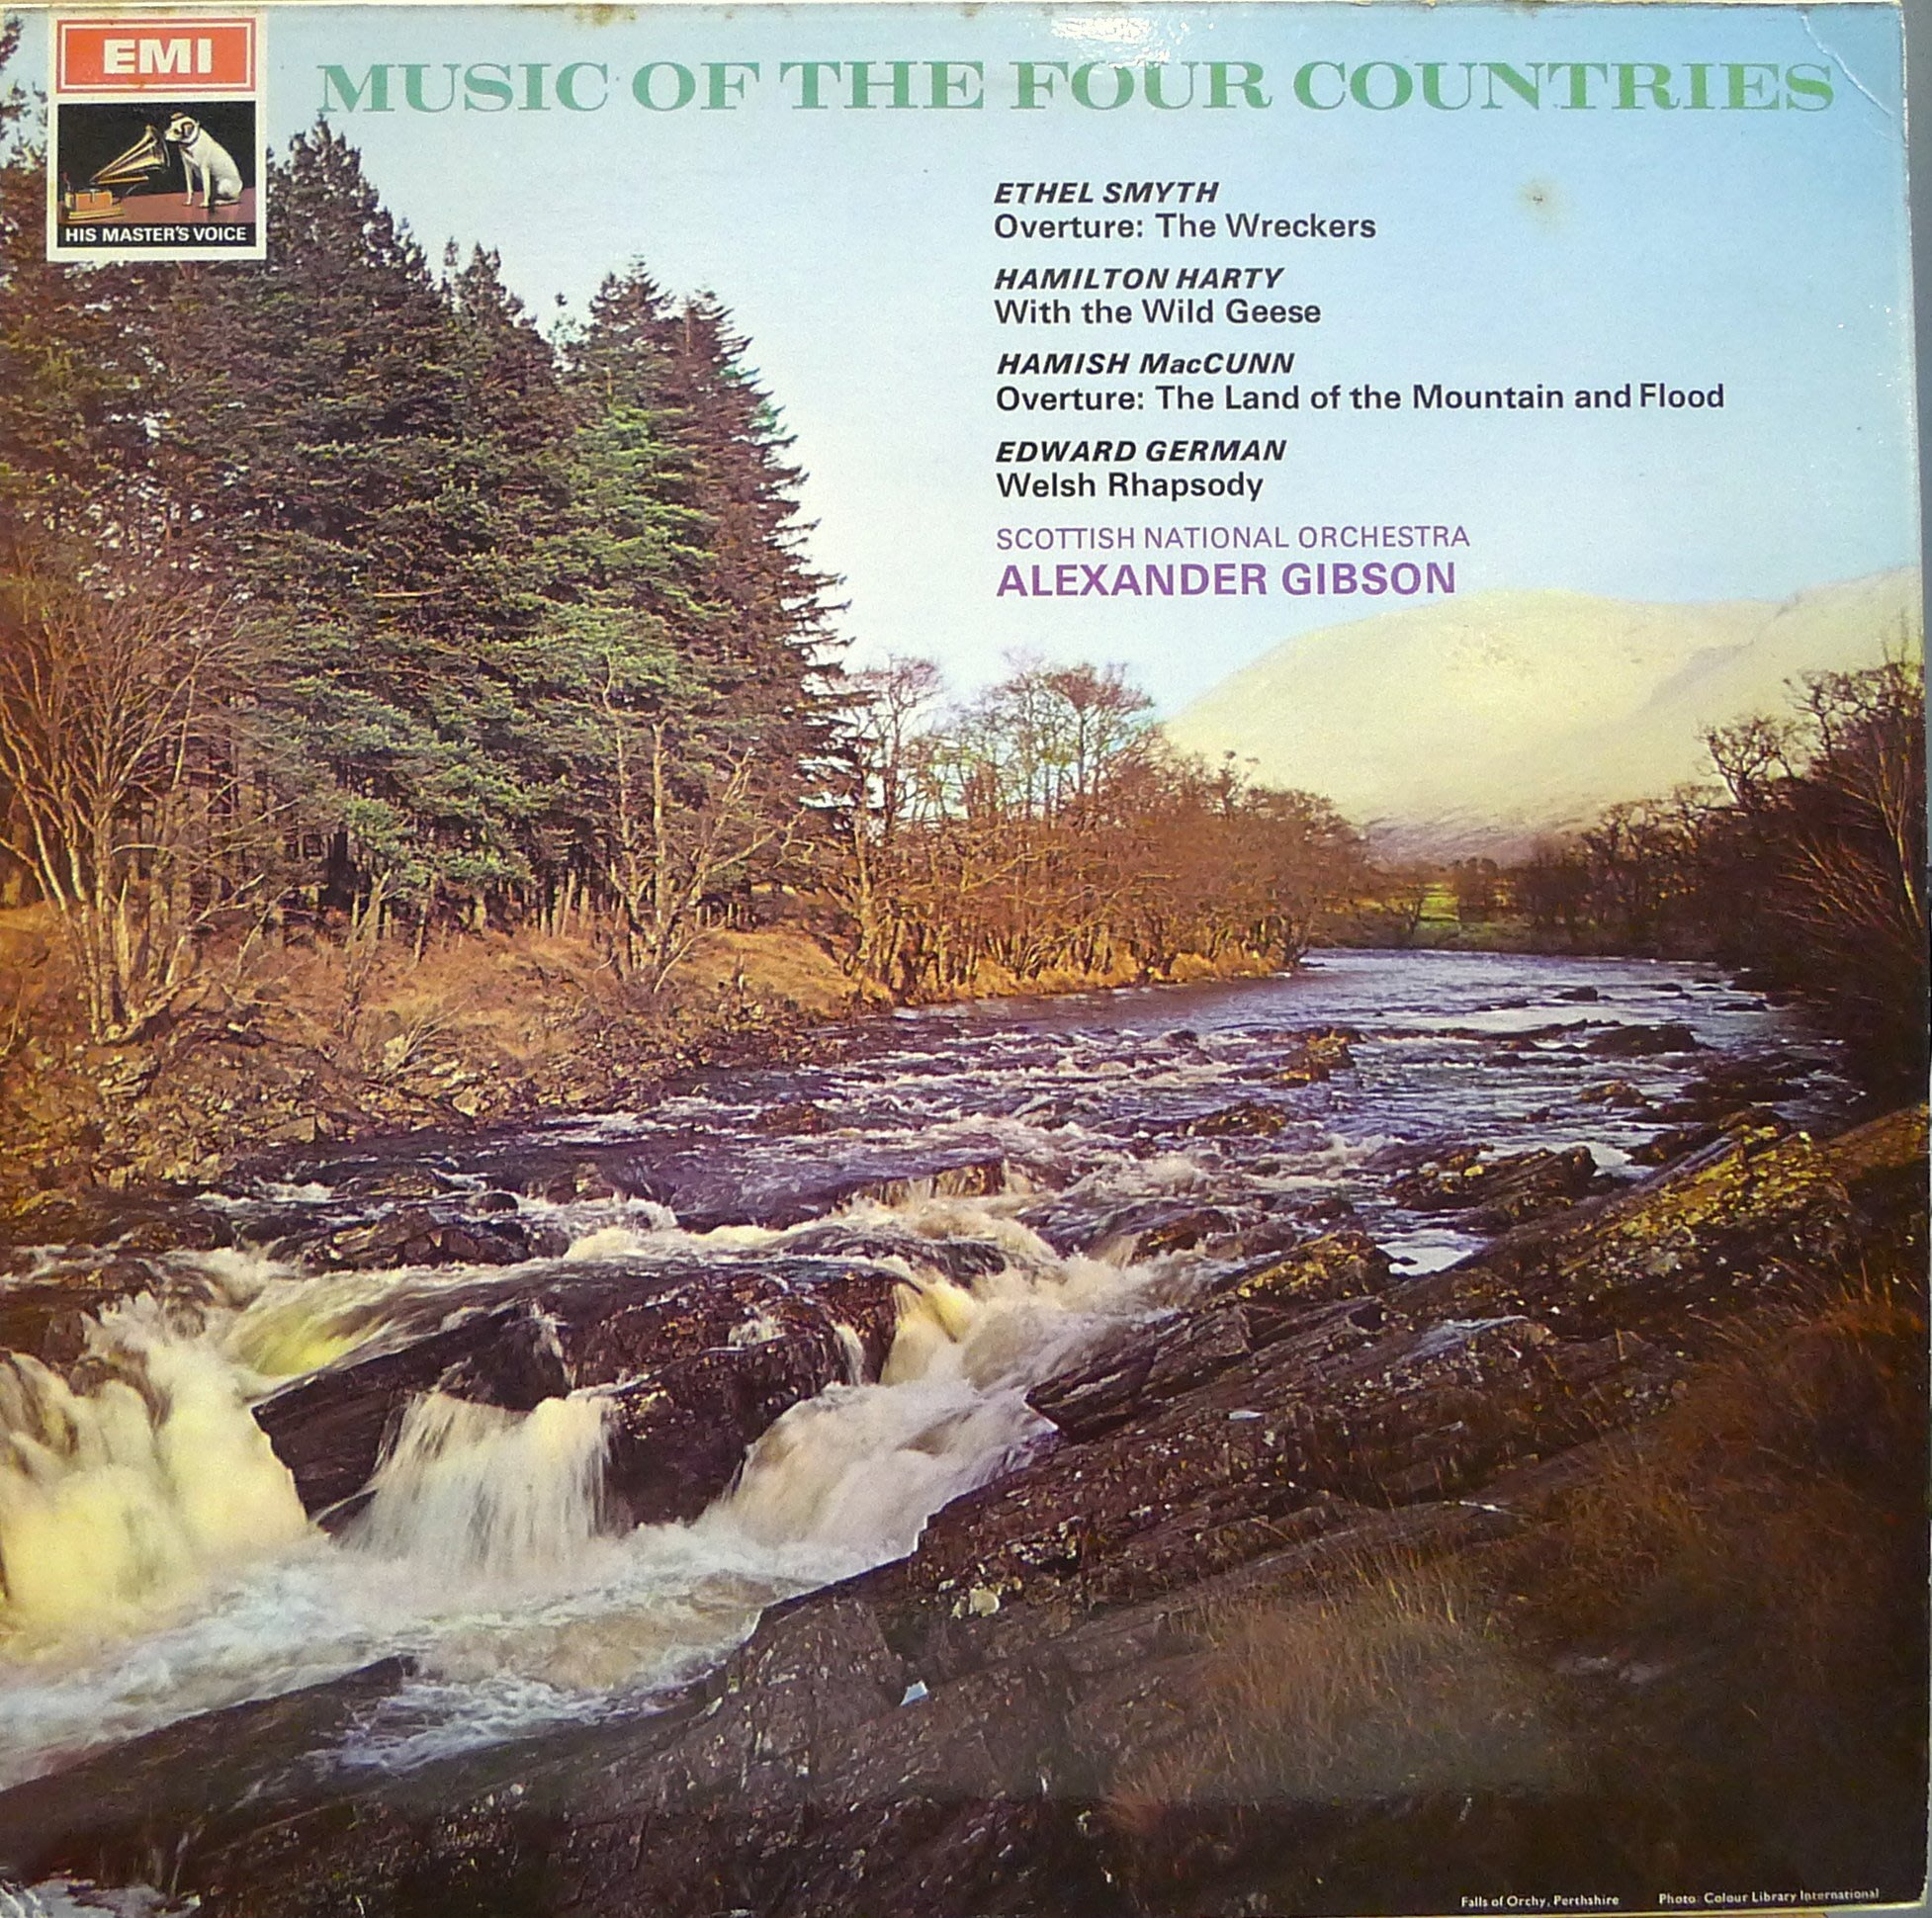 §小宋唱片§英版EMI/史密斯:序曲、/亞歷山大·吉布森/皇家蘇格蘭國家管弦樂團/二手古典黑膠